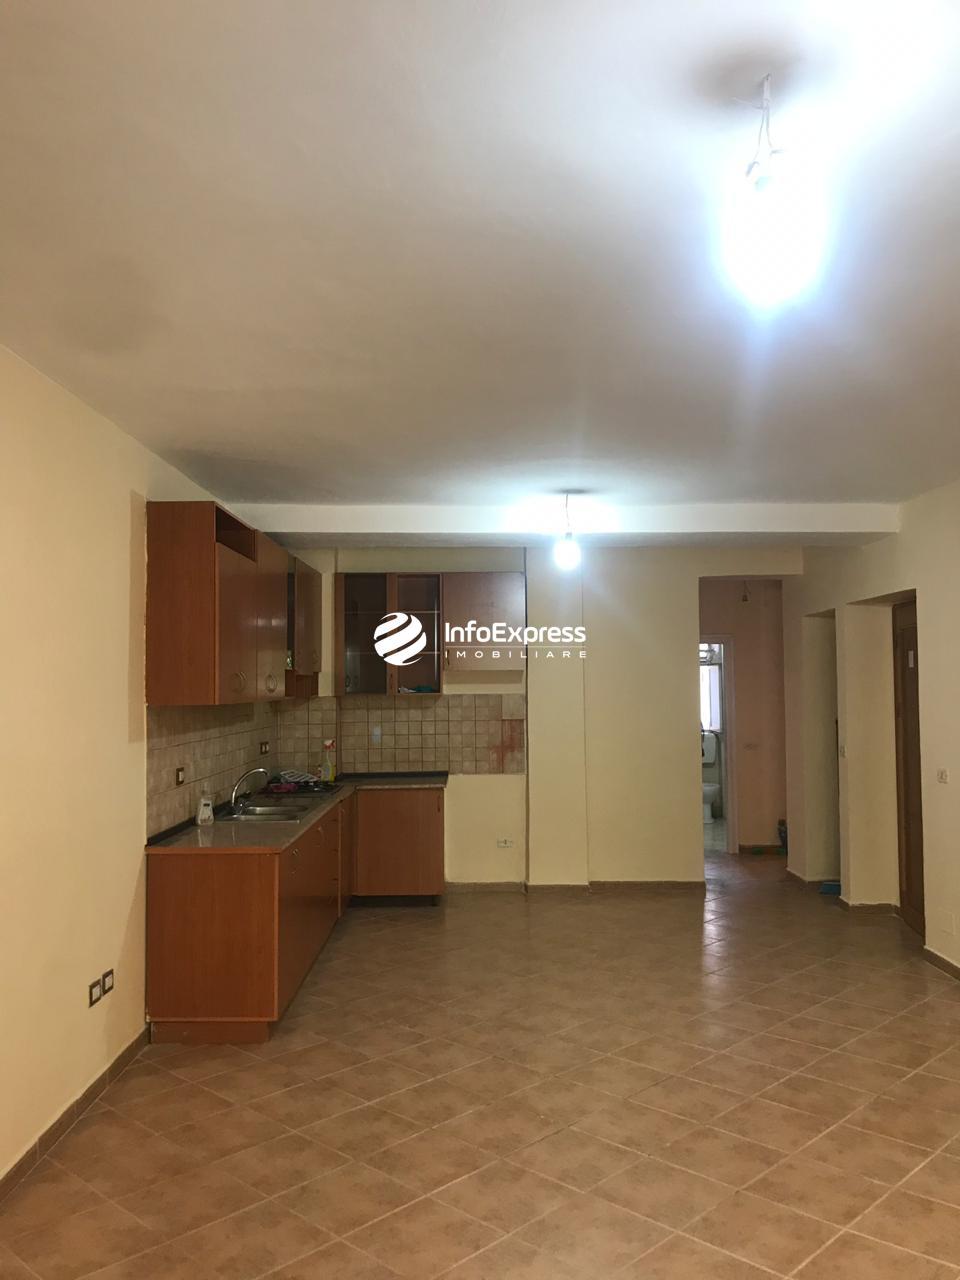 TRR-0419-1409  Jepet me qera apartament 4+1 ndodhet ne Myslym Shyri